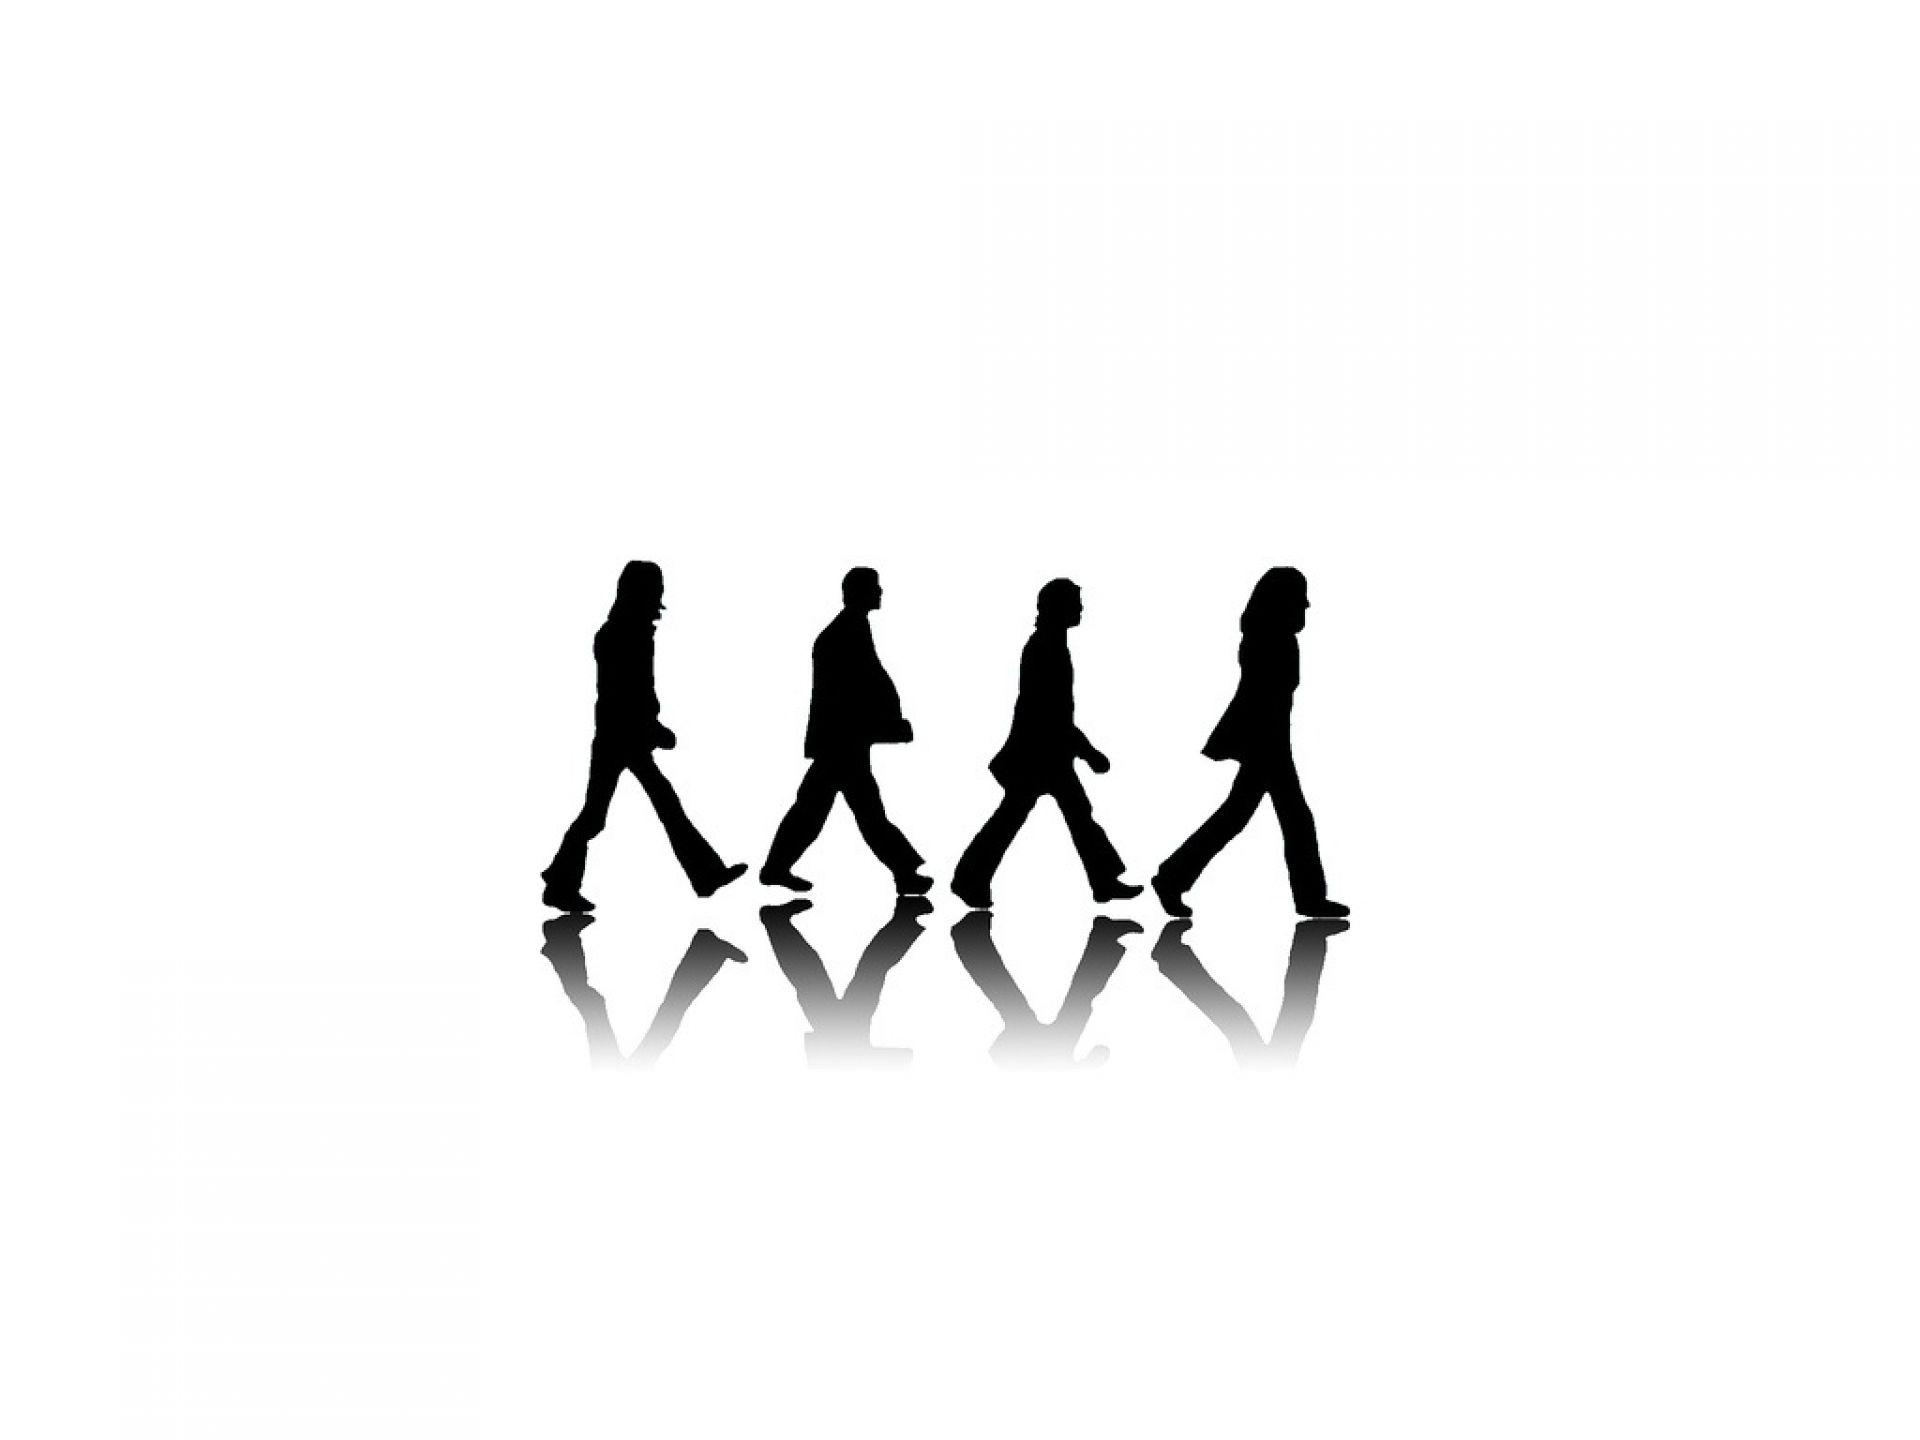 ビートルズのアビーロードの影バージョン壁紙